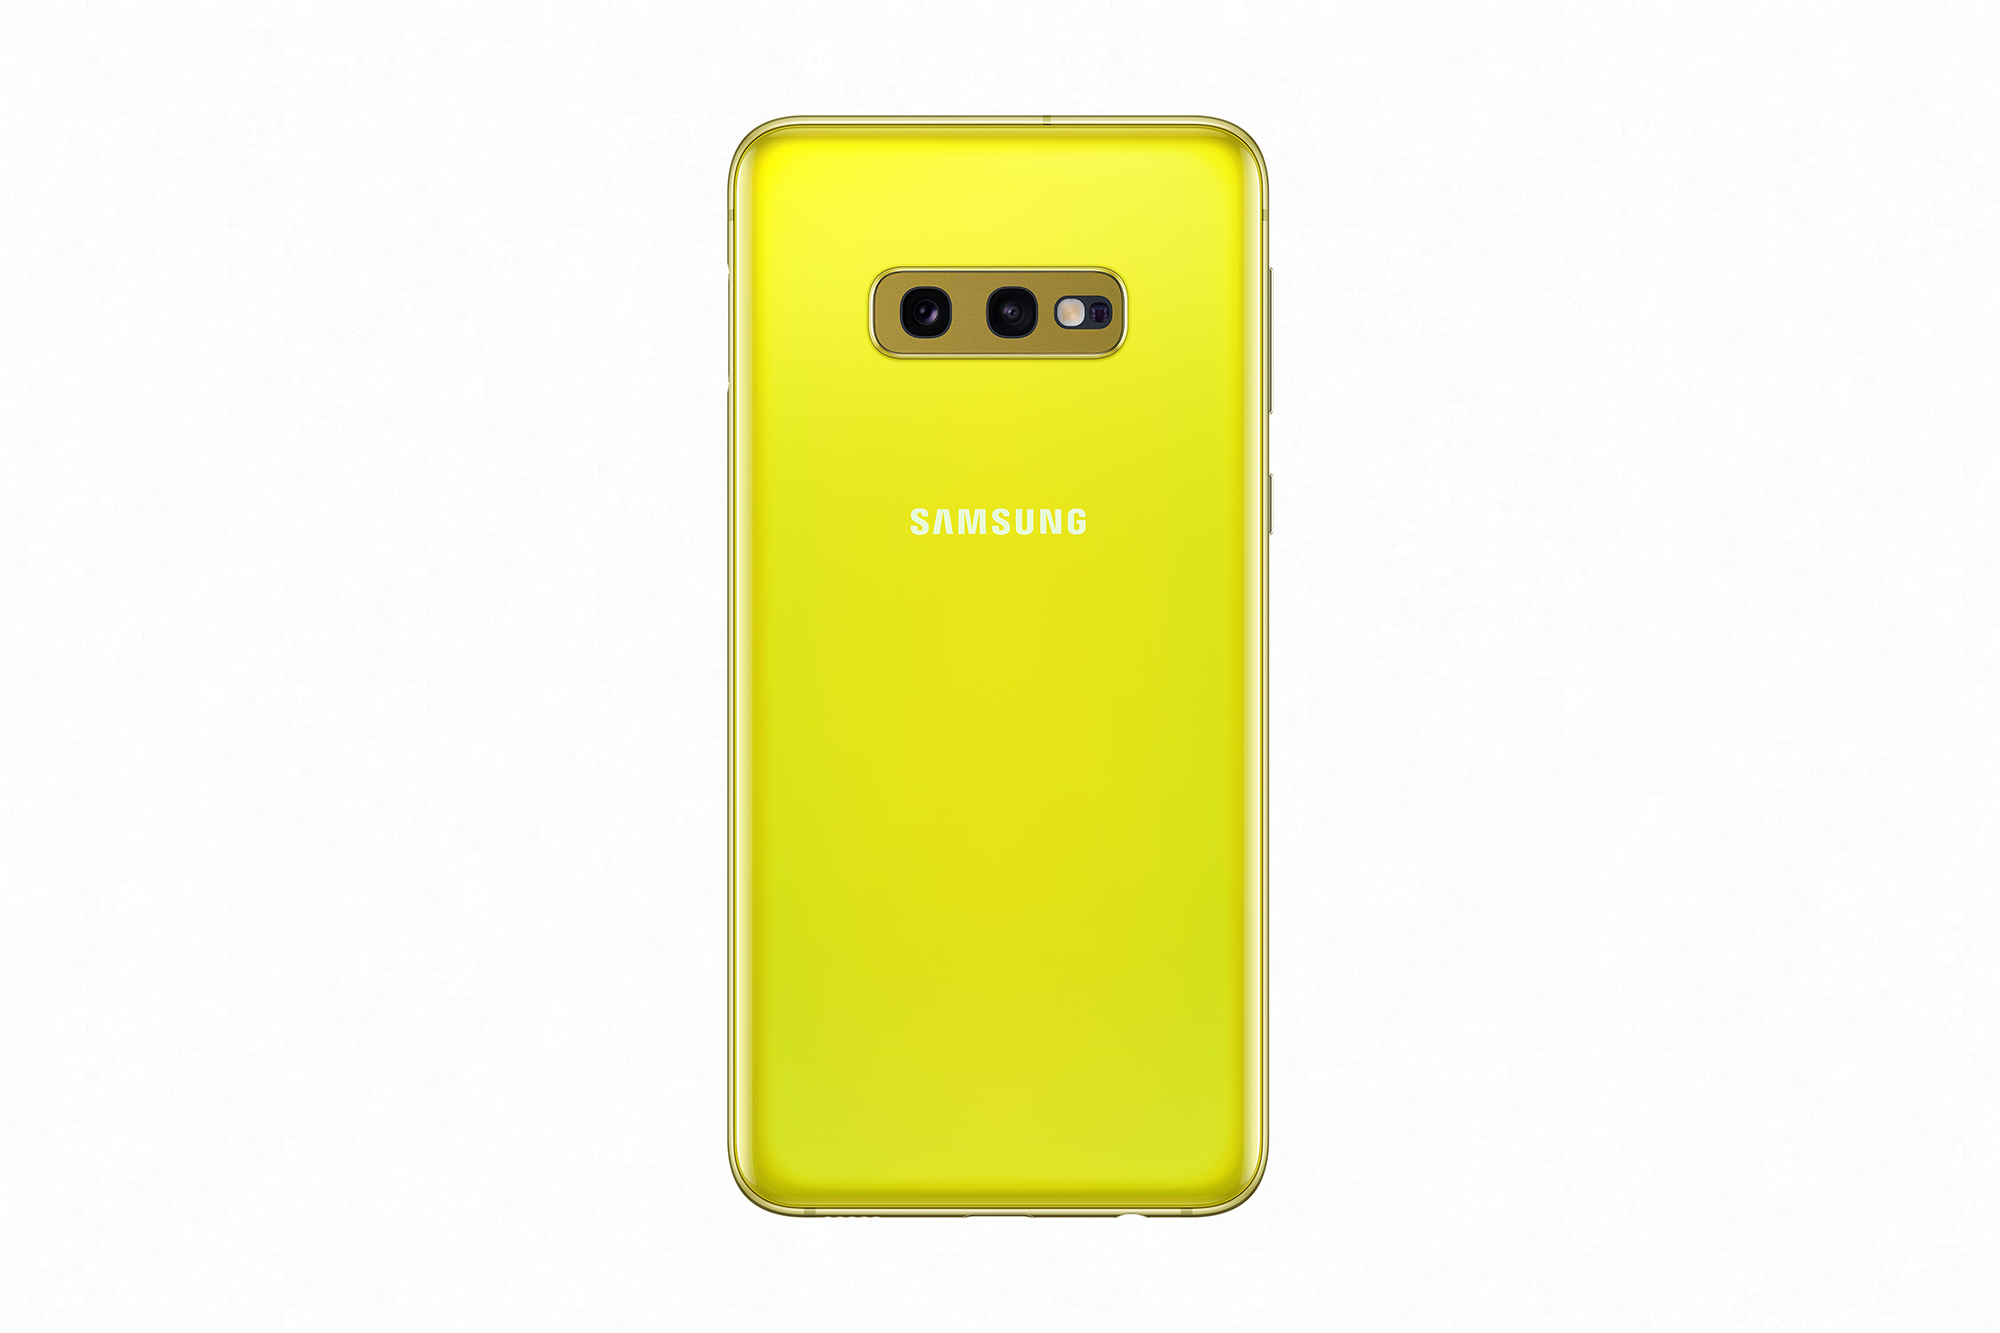 El móvil plegable de Samsung se filtra en imágenes: reporte